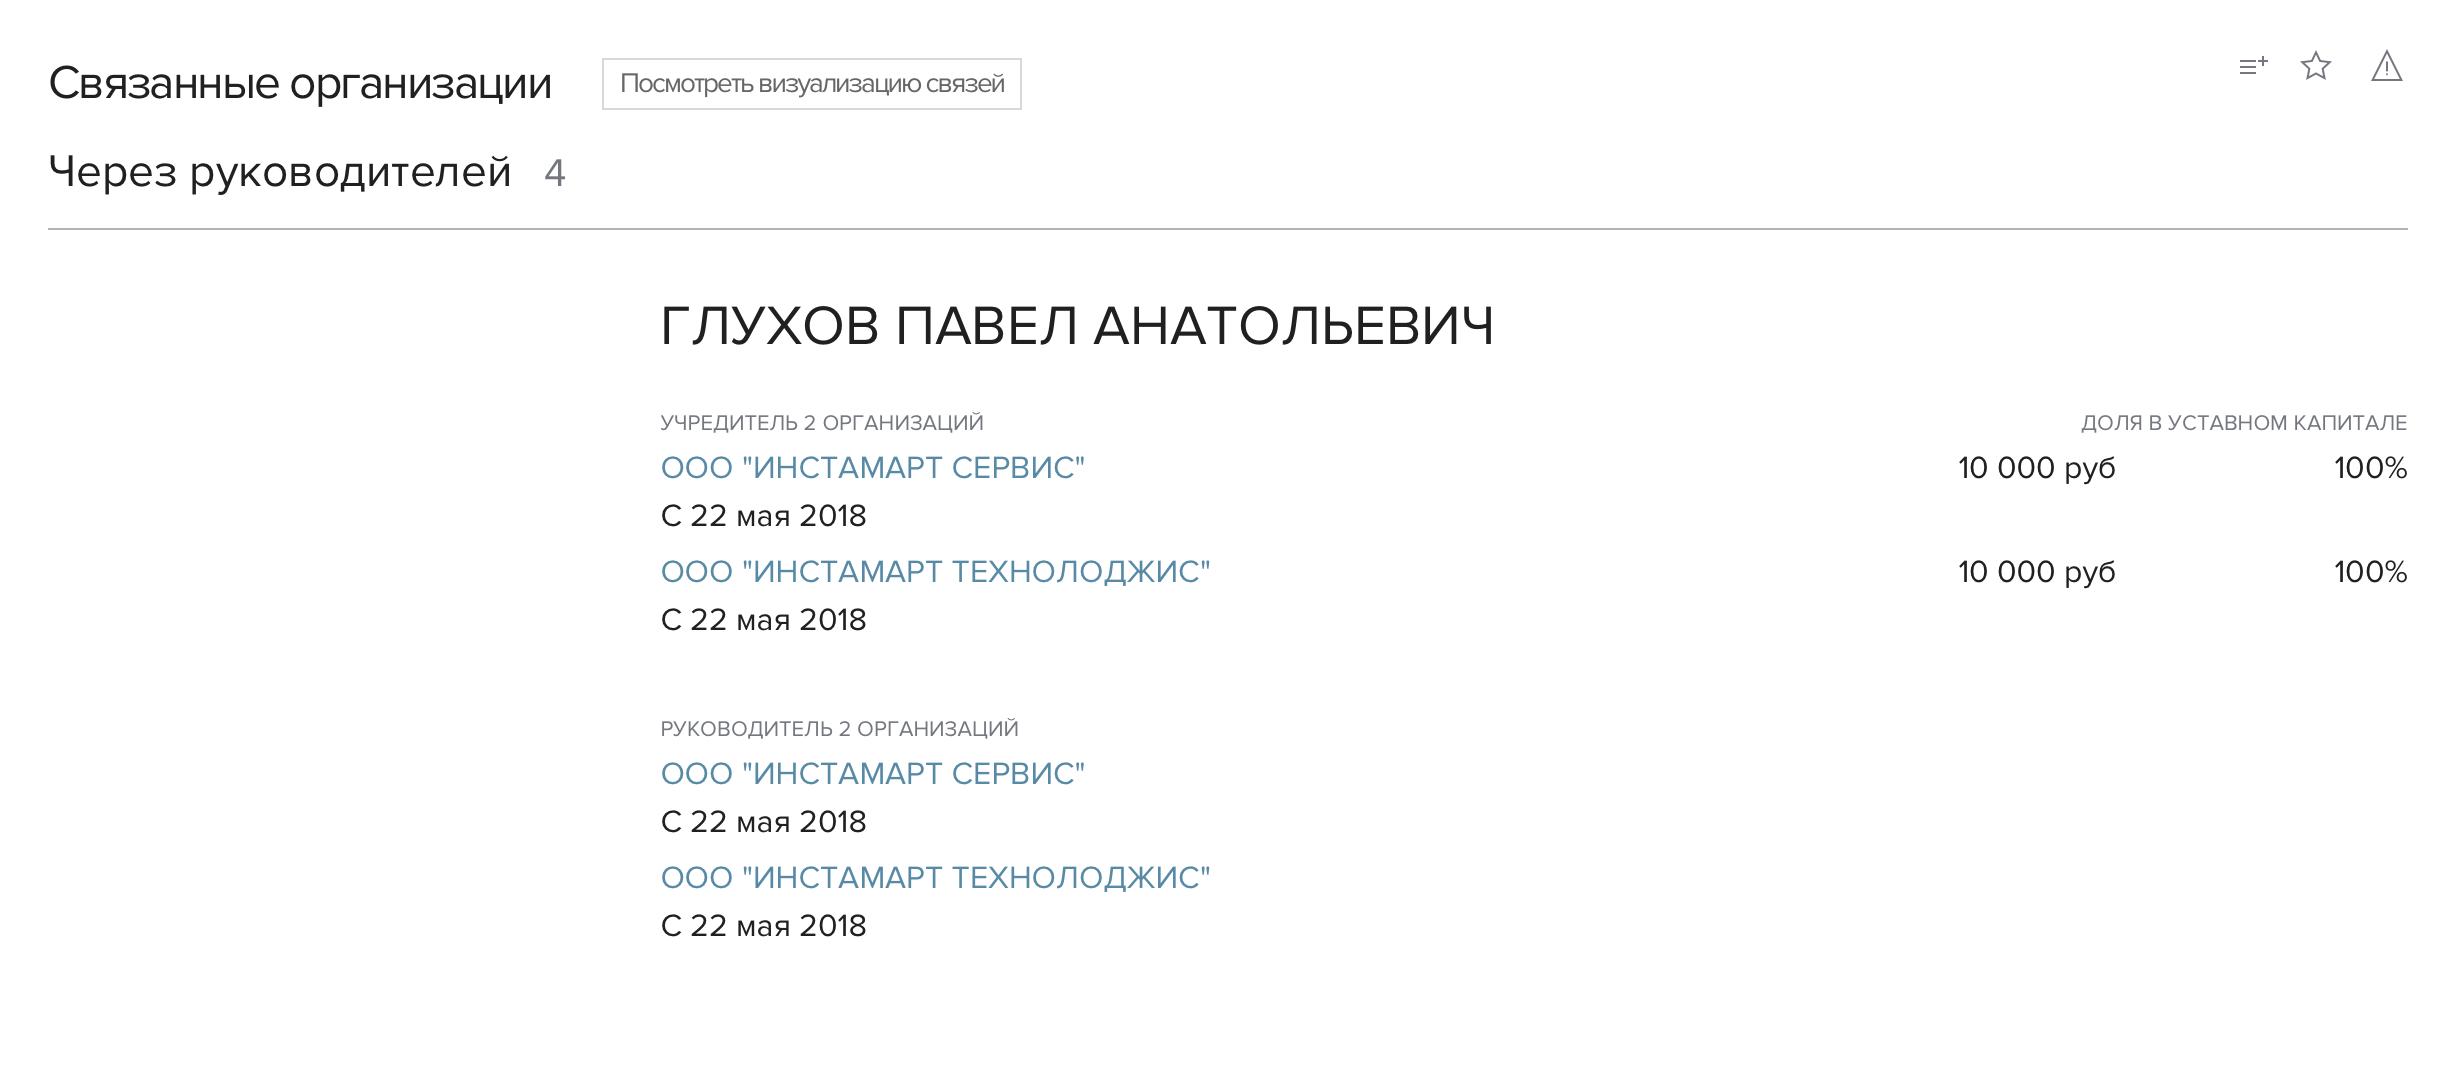 Снимок экрана 2018-06-28 в 17.03.42.png